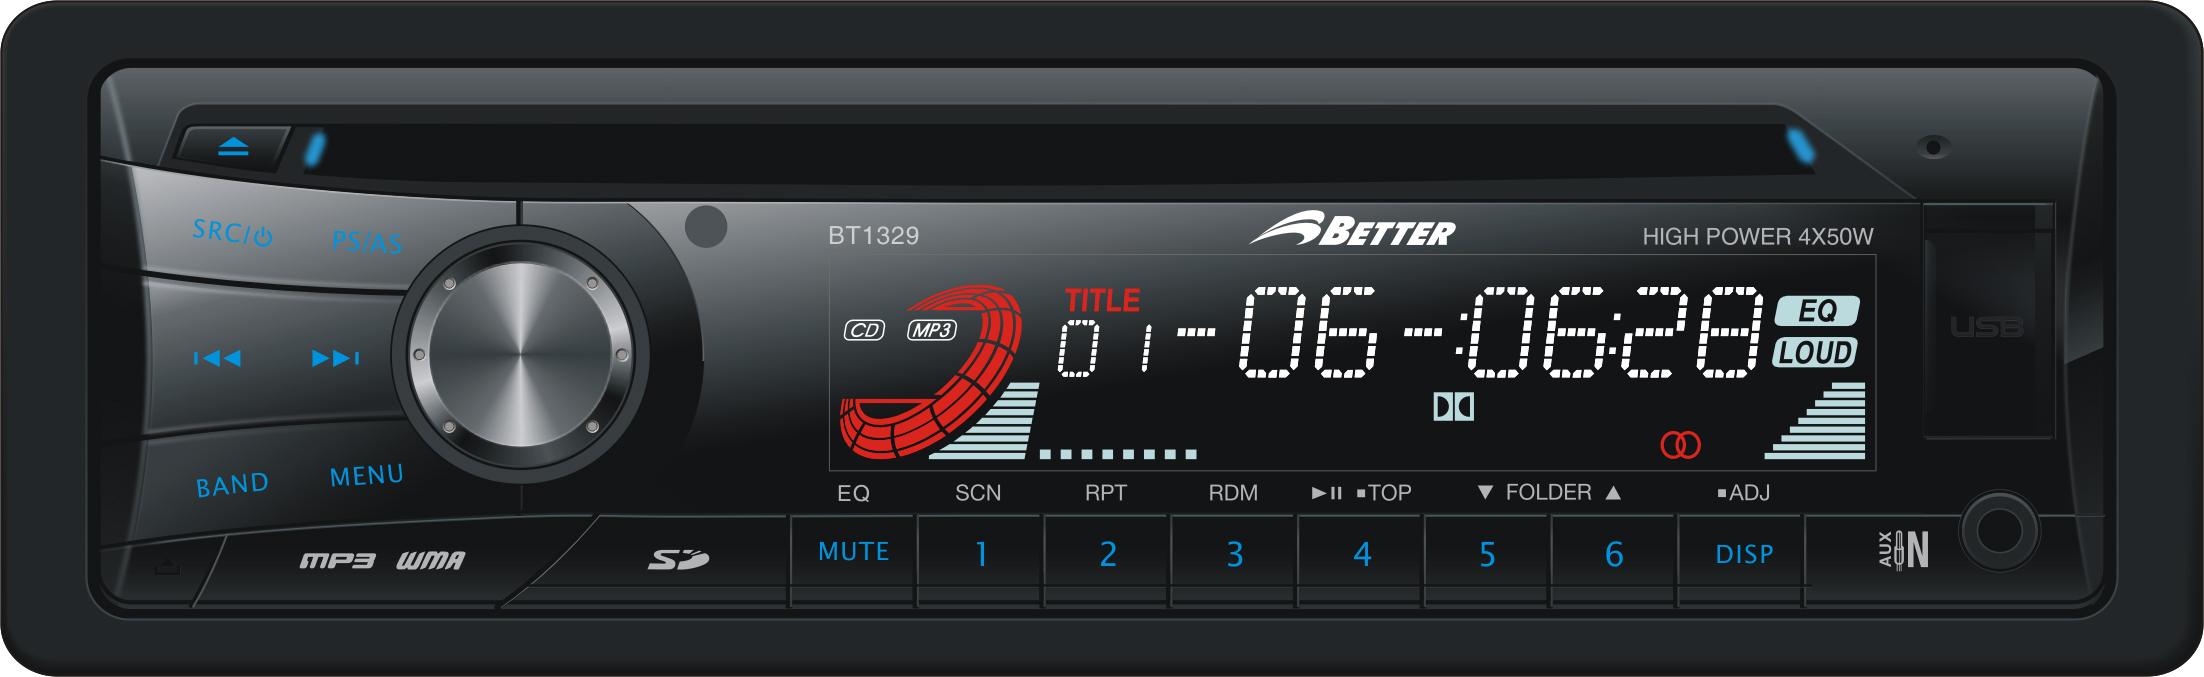 Radio Better Ref: BT1329 USB y auxiliar frontal, SD, CD, MP3